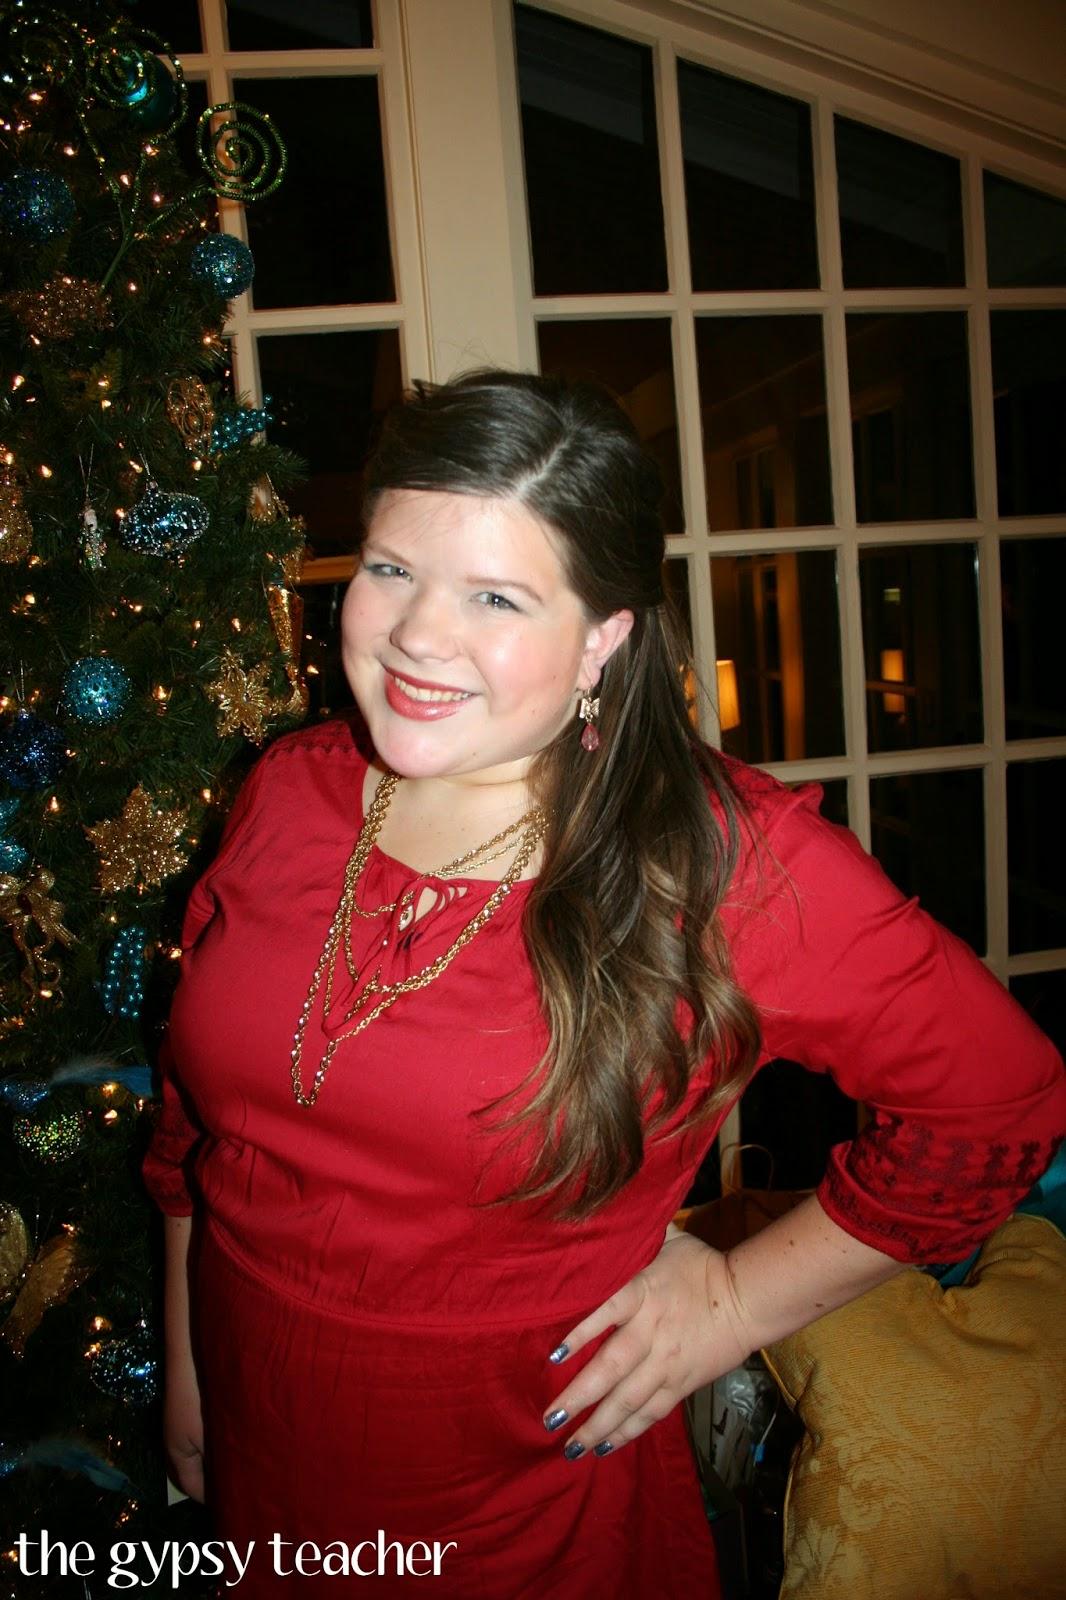 Christmas 2013 - The Gypsy Teacher